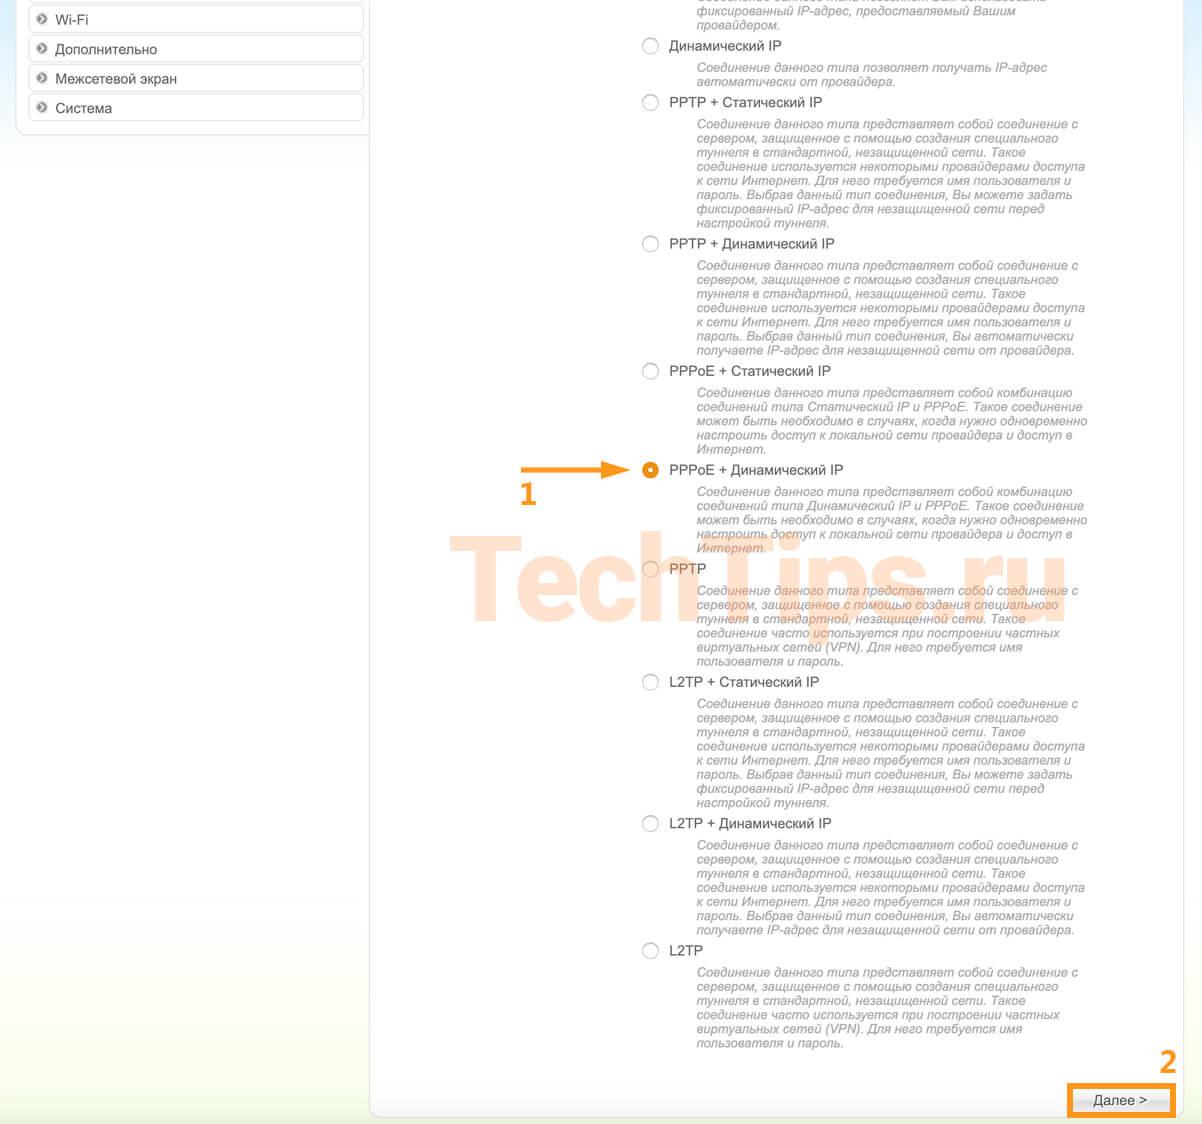 Выбор типа соединения: PPPoE + Динамический IP